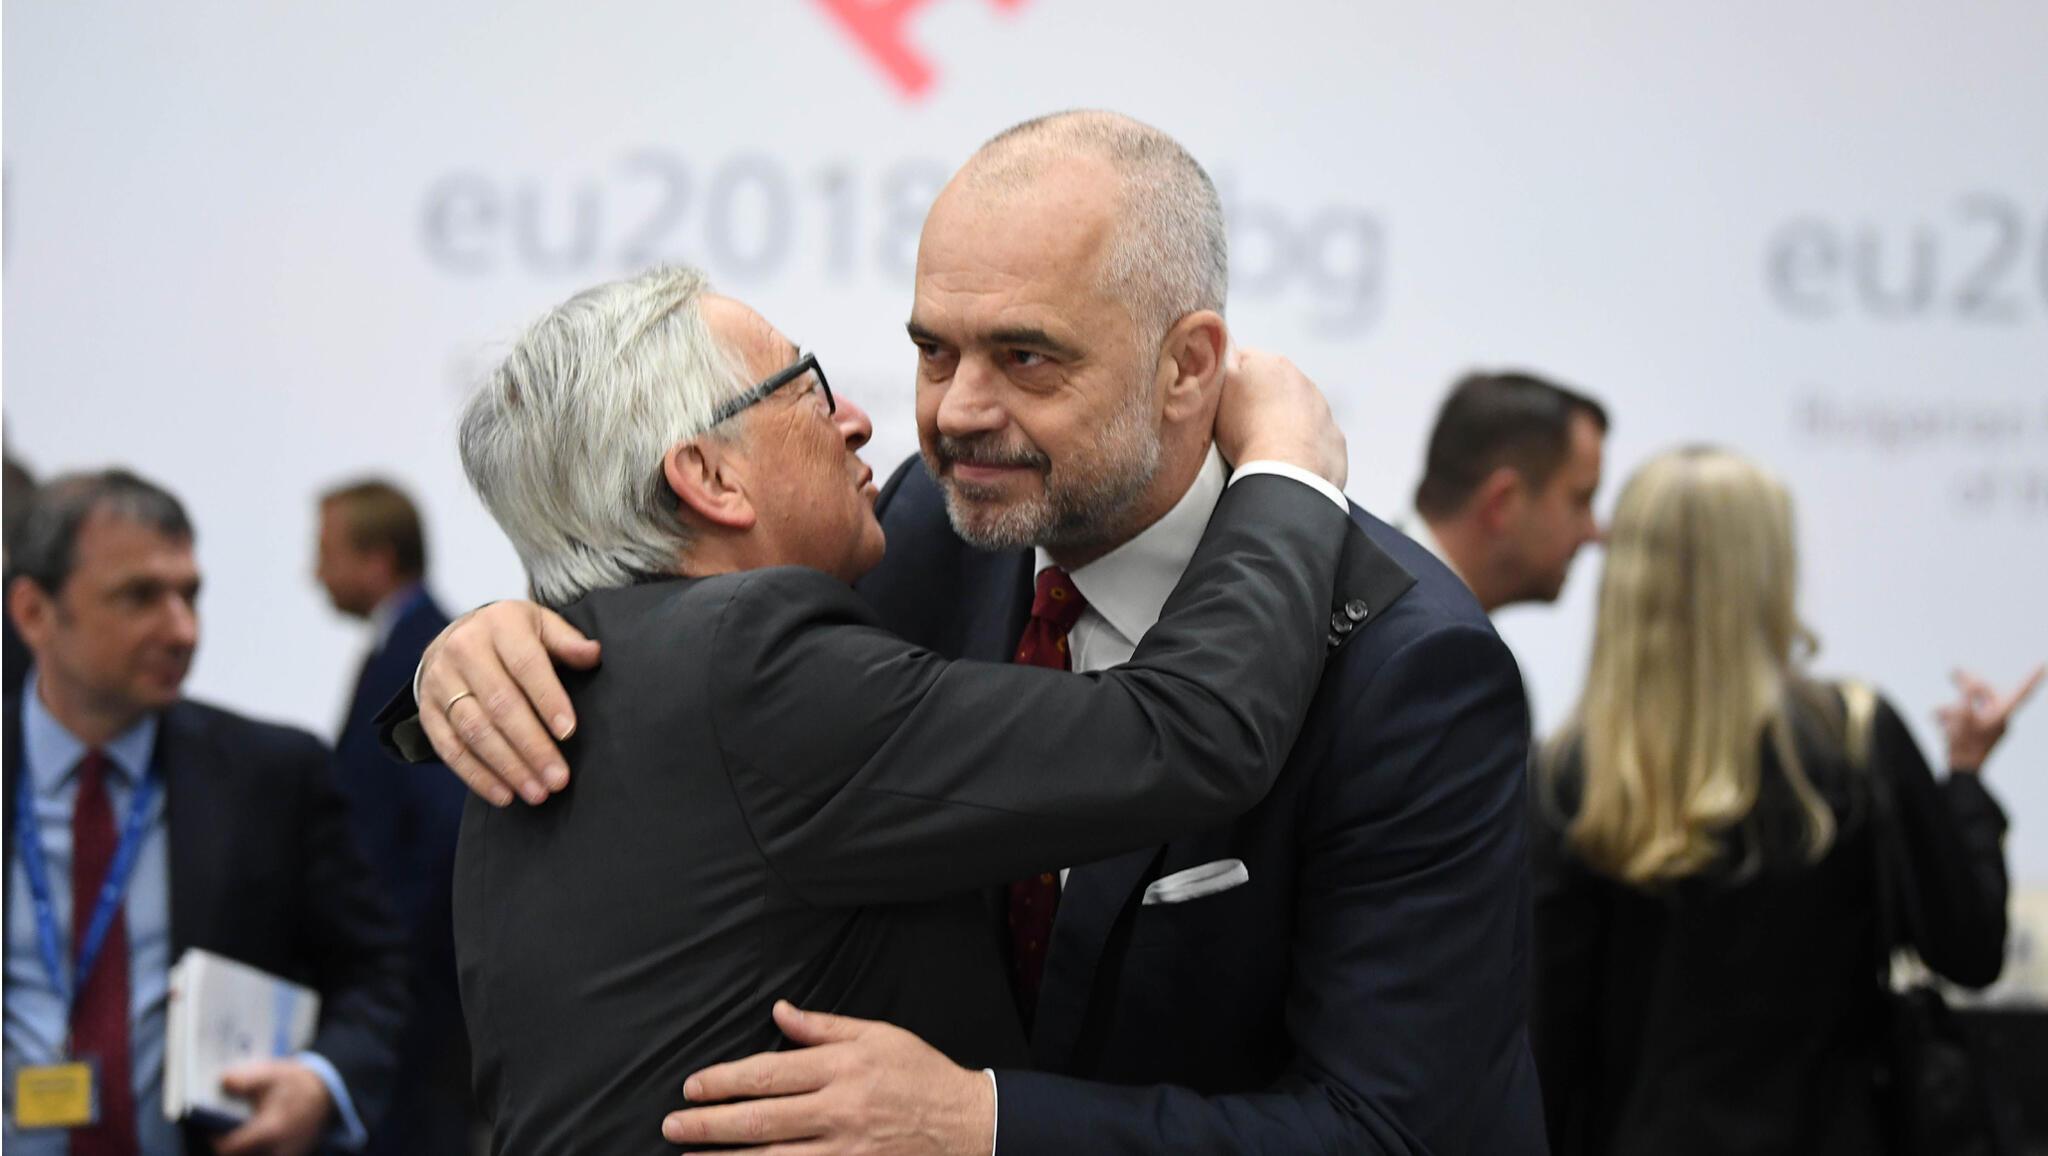 Le président de la Commission européenne Jean-Claude Juncker et le Premier ministre de l'Albanie Edi Rama, lors d'une conférence de presse lors du sommet UE-Balkans occidentaux à Sofia, le 17 mai 2018.